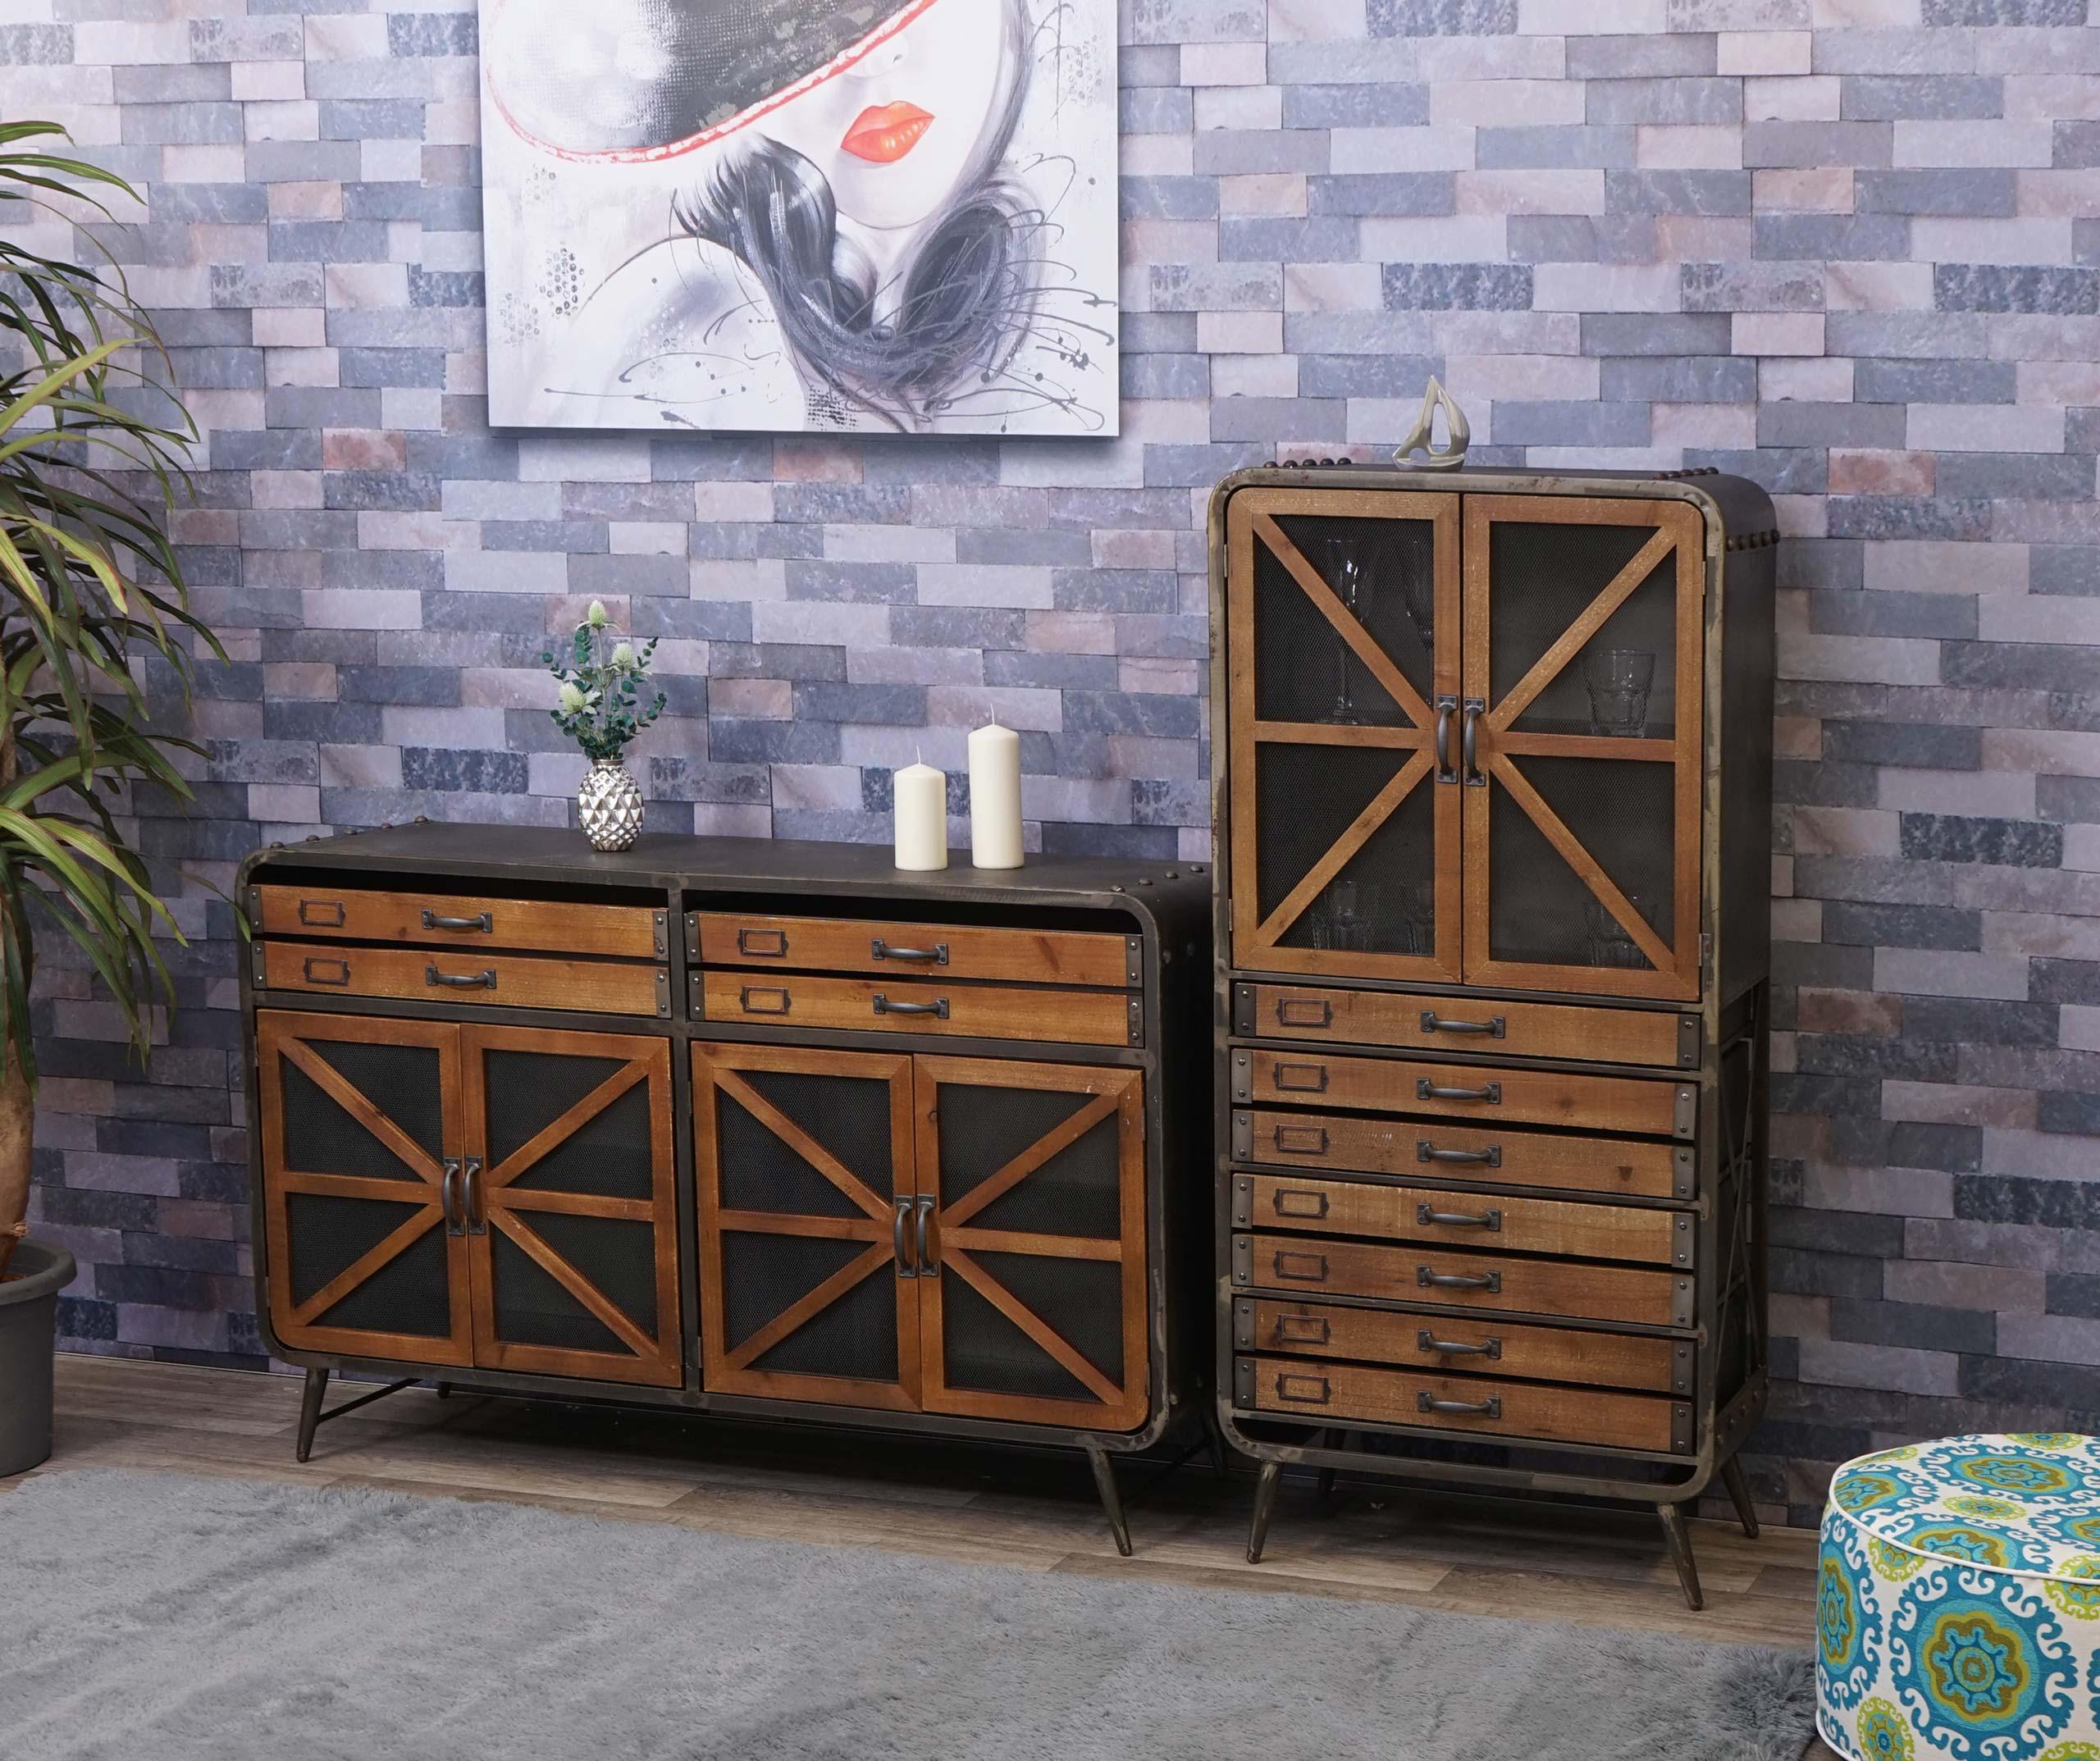 Mendler Wohnzimmer-Set HWC-F91, Sideboard Kommode Highboard Hochschrank, Industrial Tanne Holz Metall, braun 70613+70614